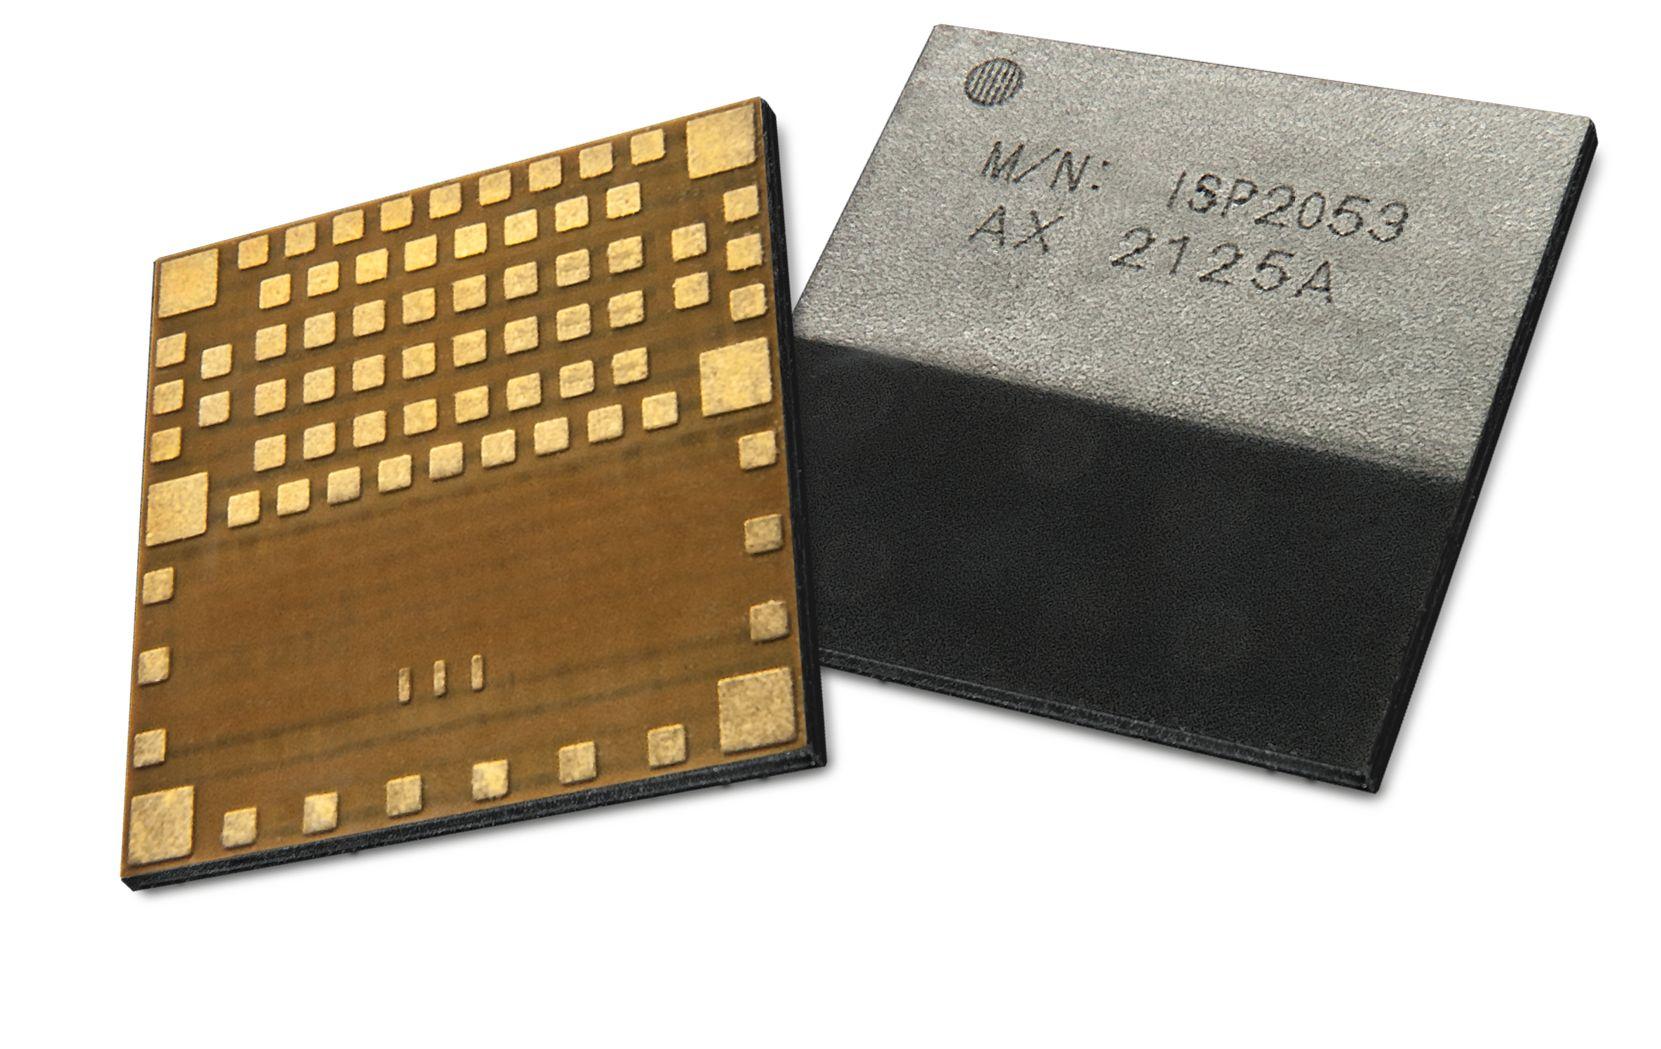 RF-Modul bietet Bluetooth-Technologie im kleinen Gehäuse